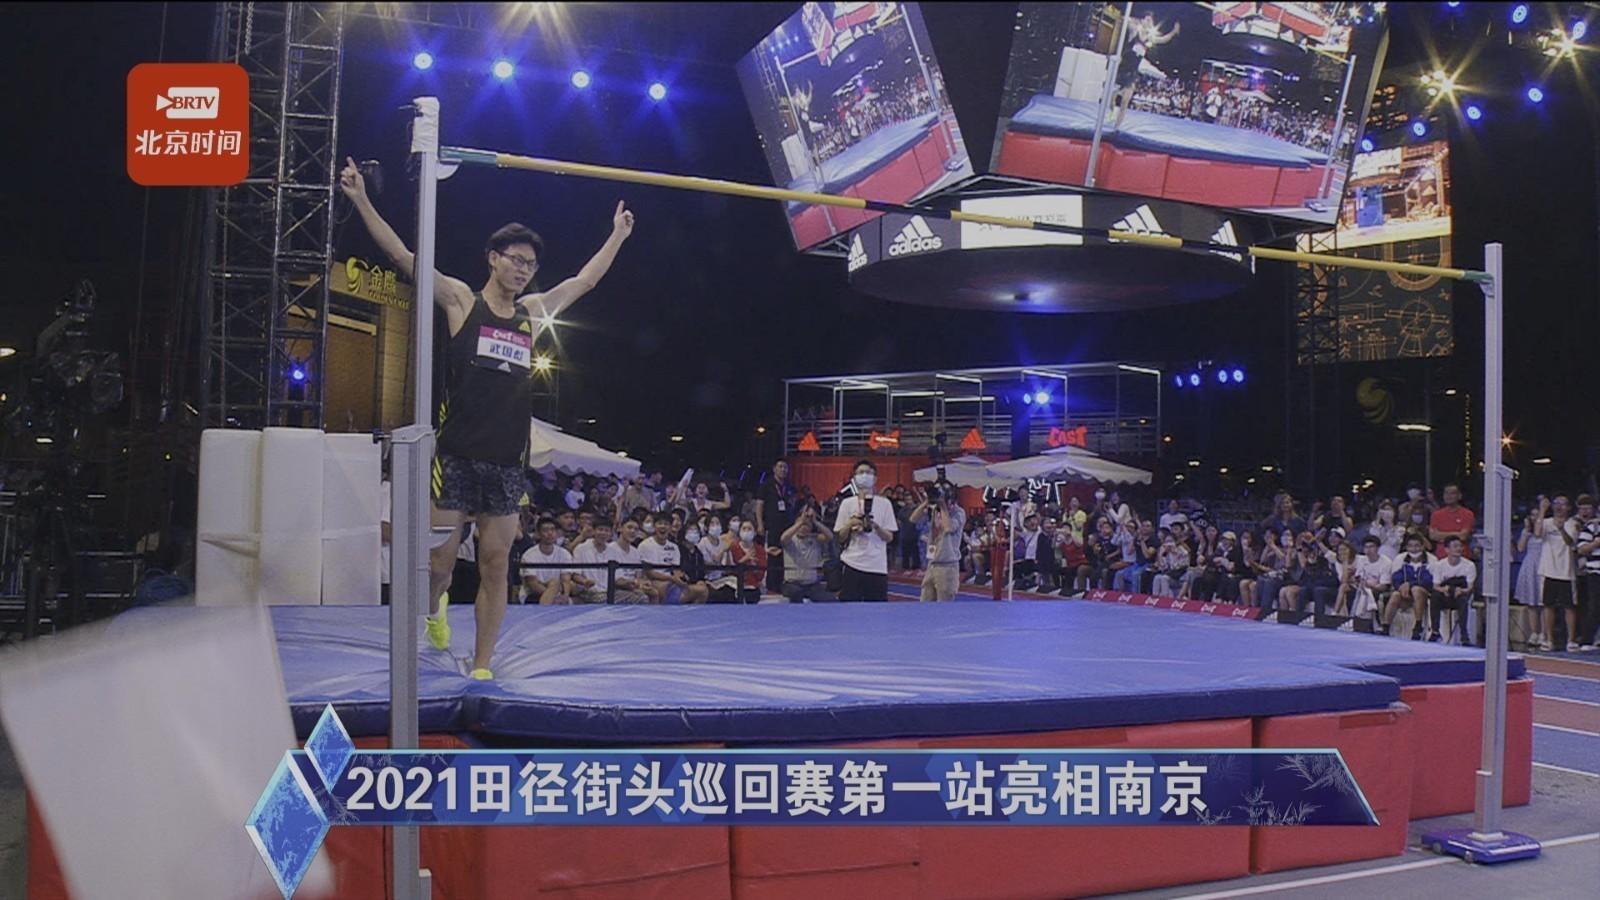 2021田径街头巡回赛第一站亮相南京